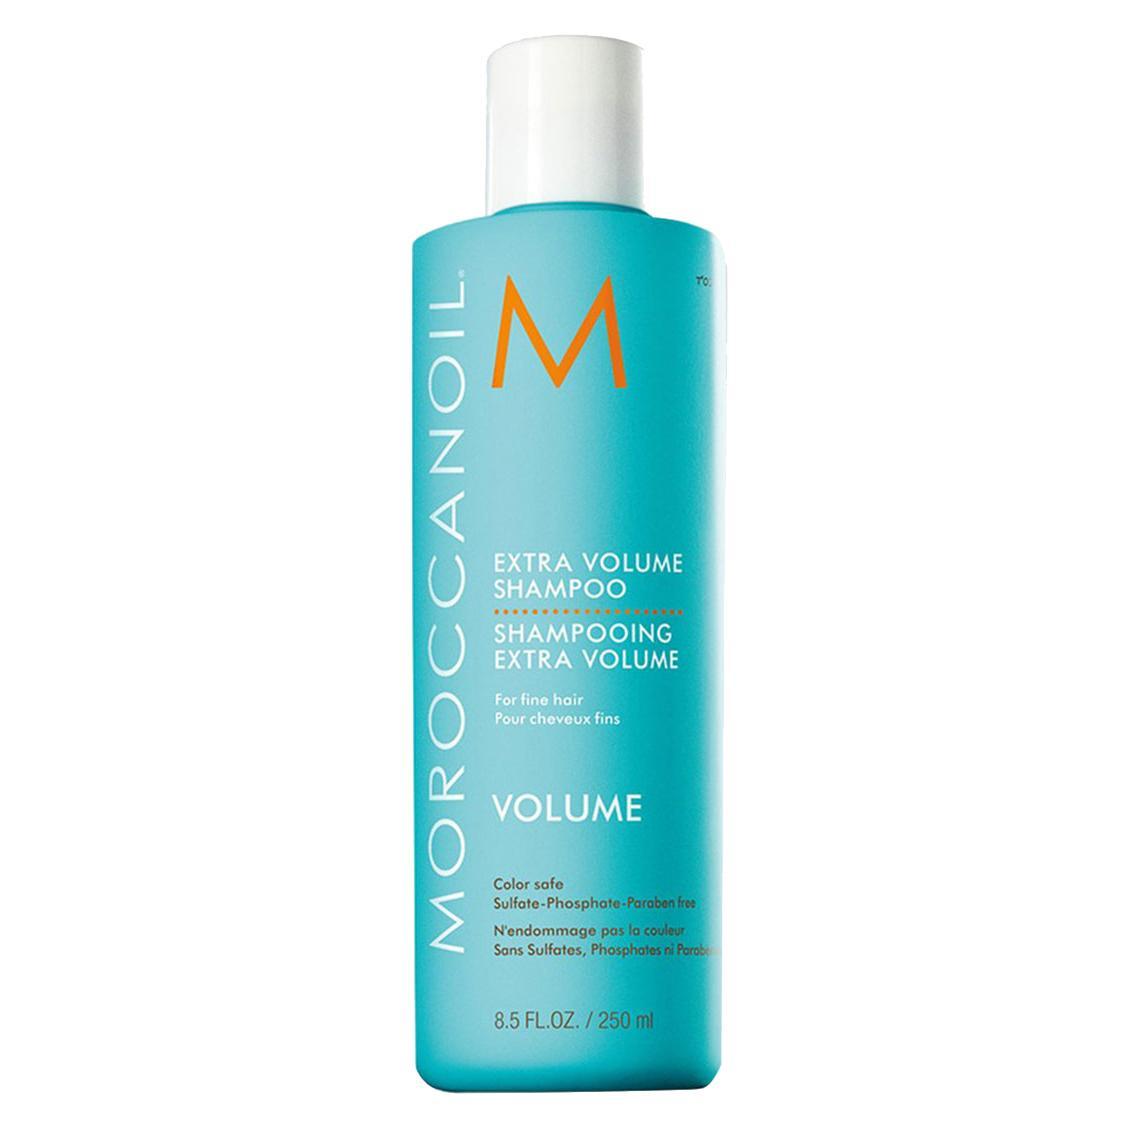 Dầu gội Moroccanoil Extra Volume Shampoo 250ml tăng độ phồng cho tóc dày, bồng bềnh hơn nhập khẩu